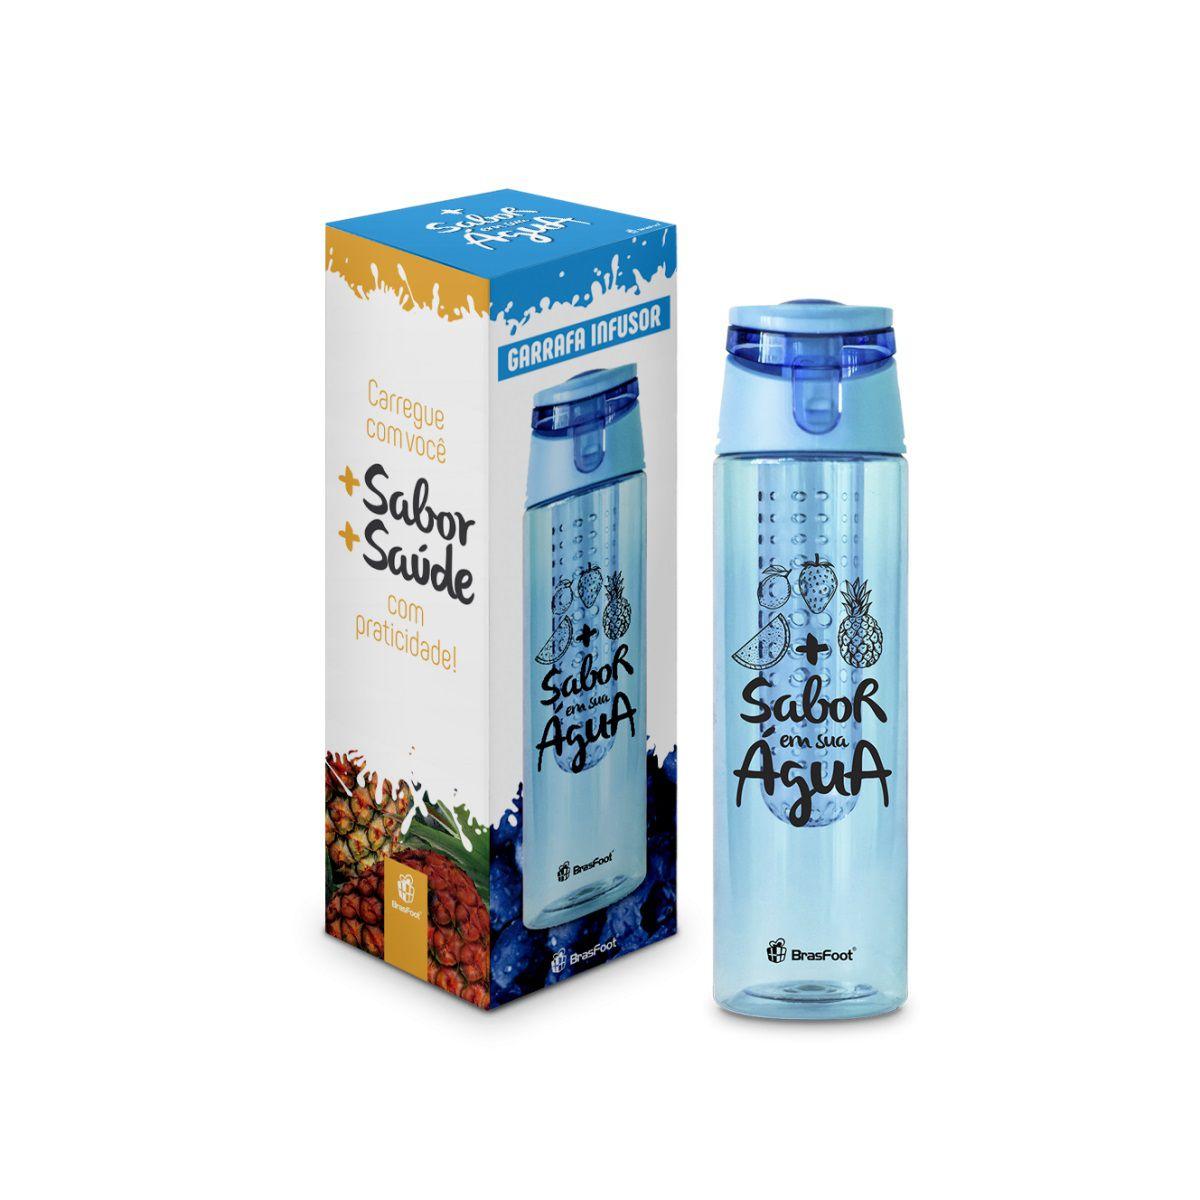 Garrafa Infusor De Sabor 700ml - Azul